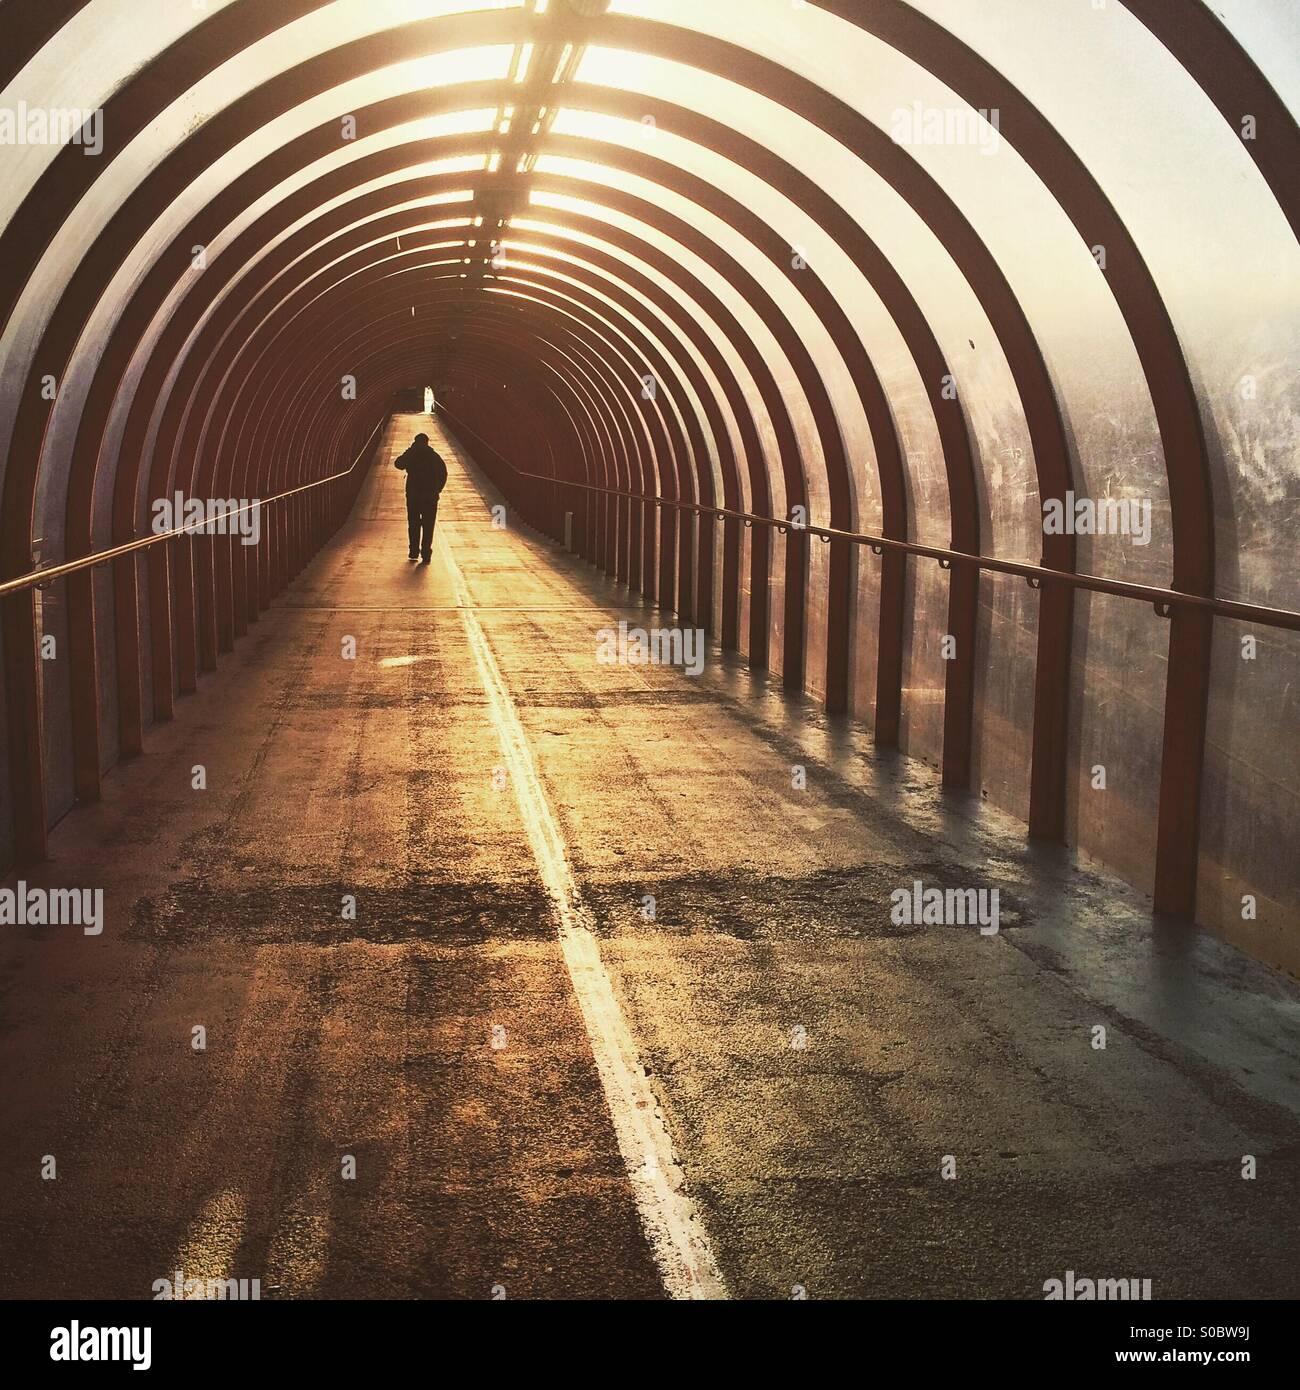 Eine Silhouette eines Mannes hinunter einen Tunnel bei Sonnenaufgang in Glasgow Stockfoto